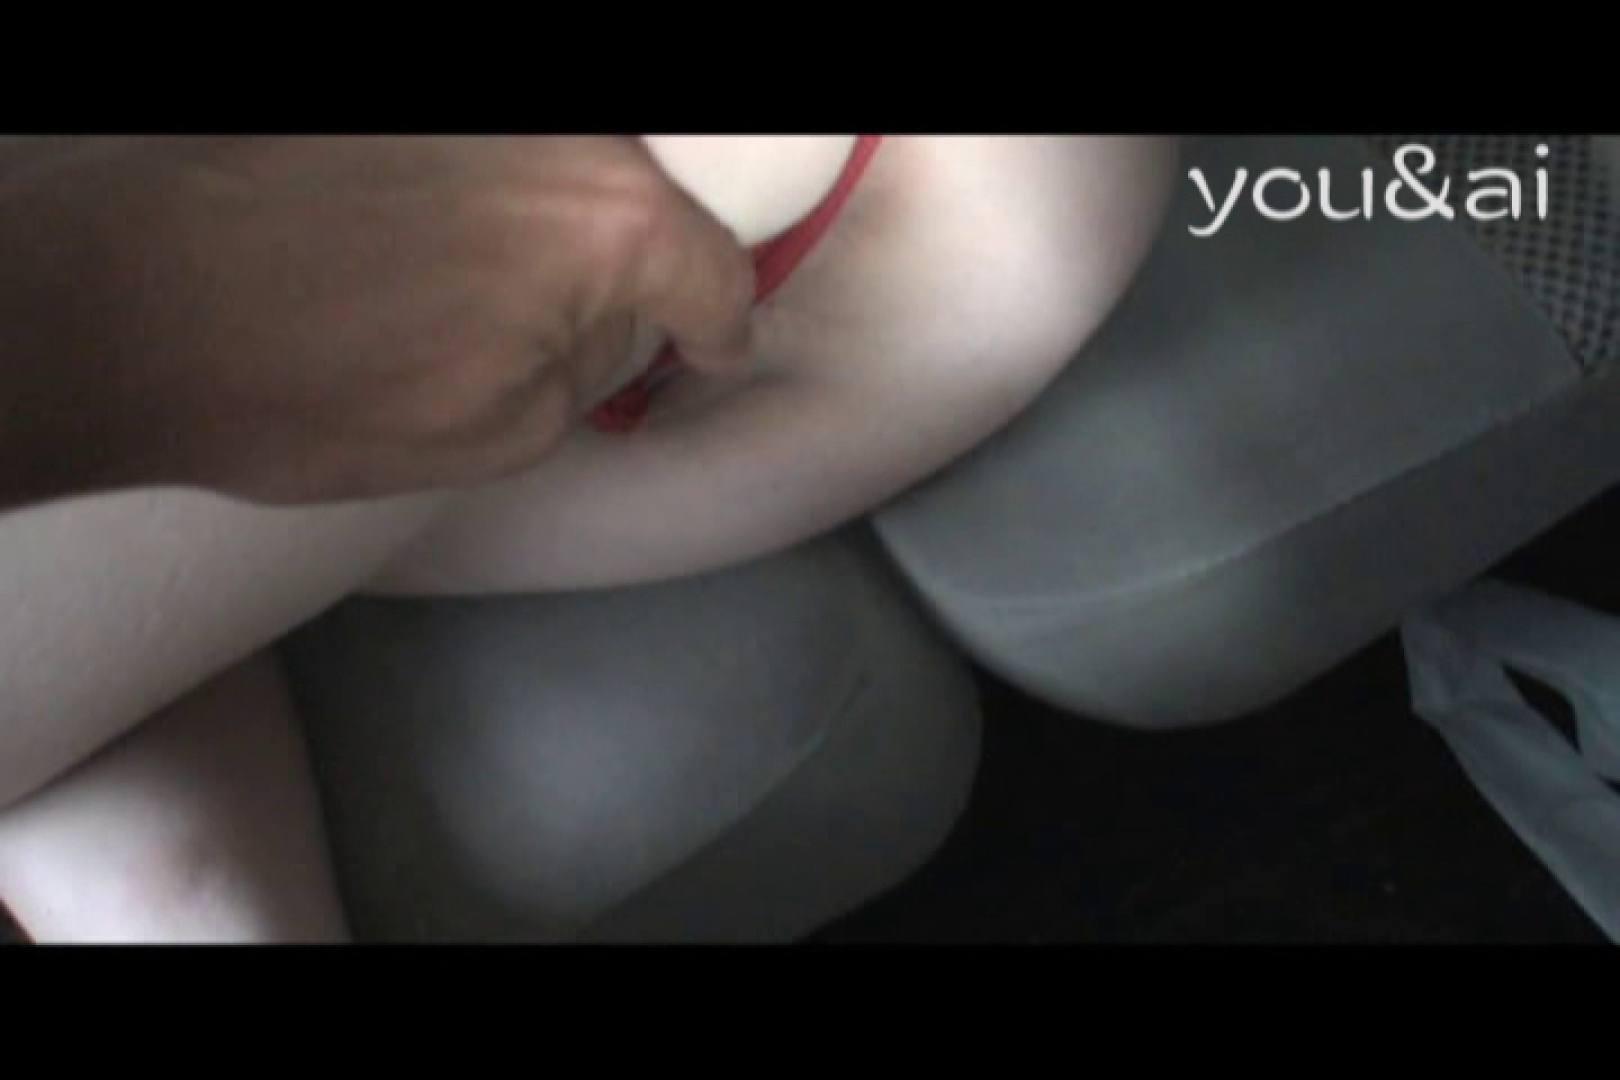 おしどり夫婦のyou&aiさん投稿作品vol.4 美女OL  59連発 7